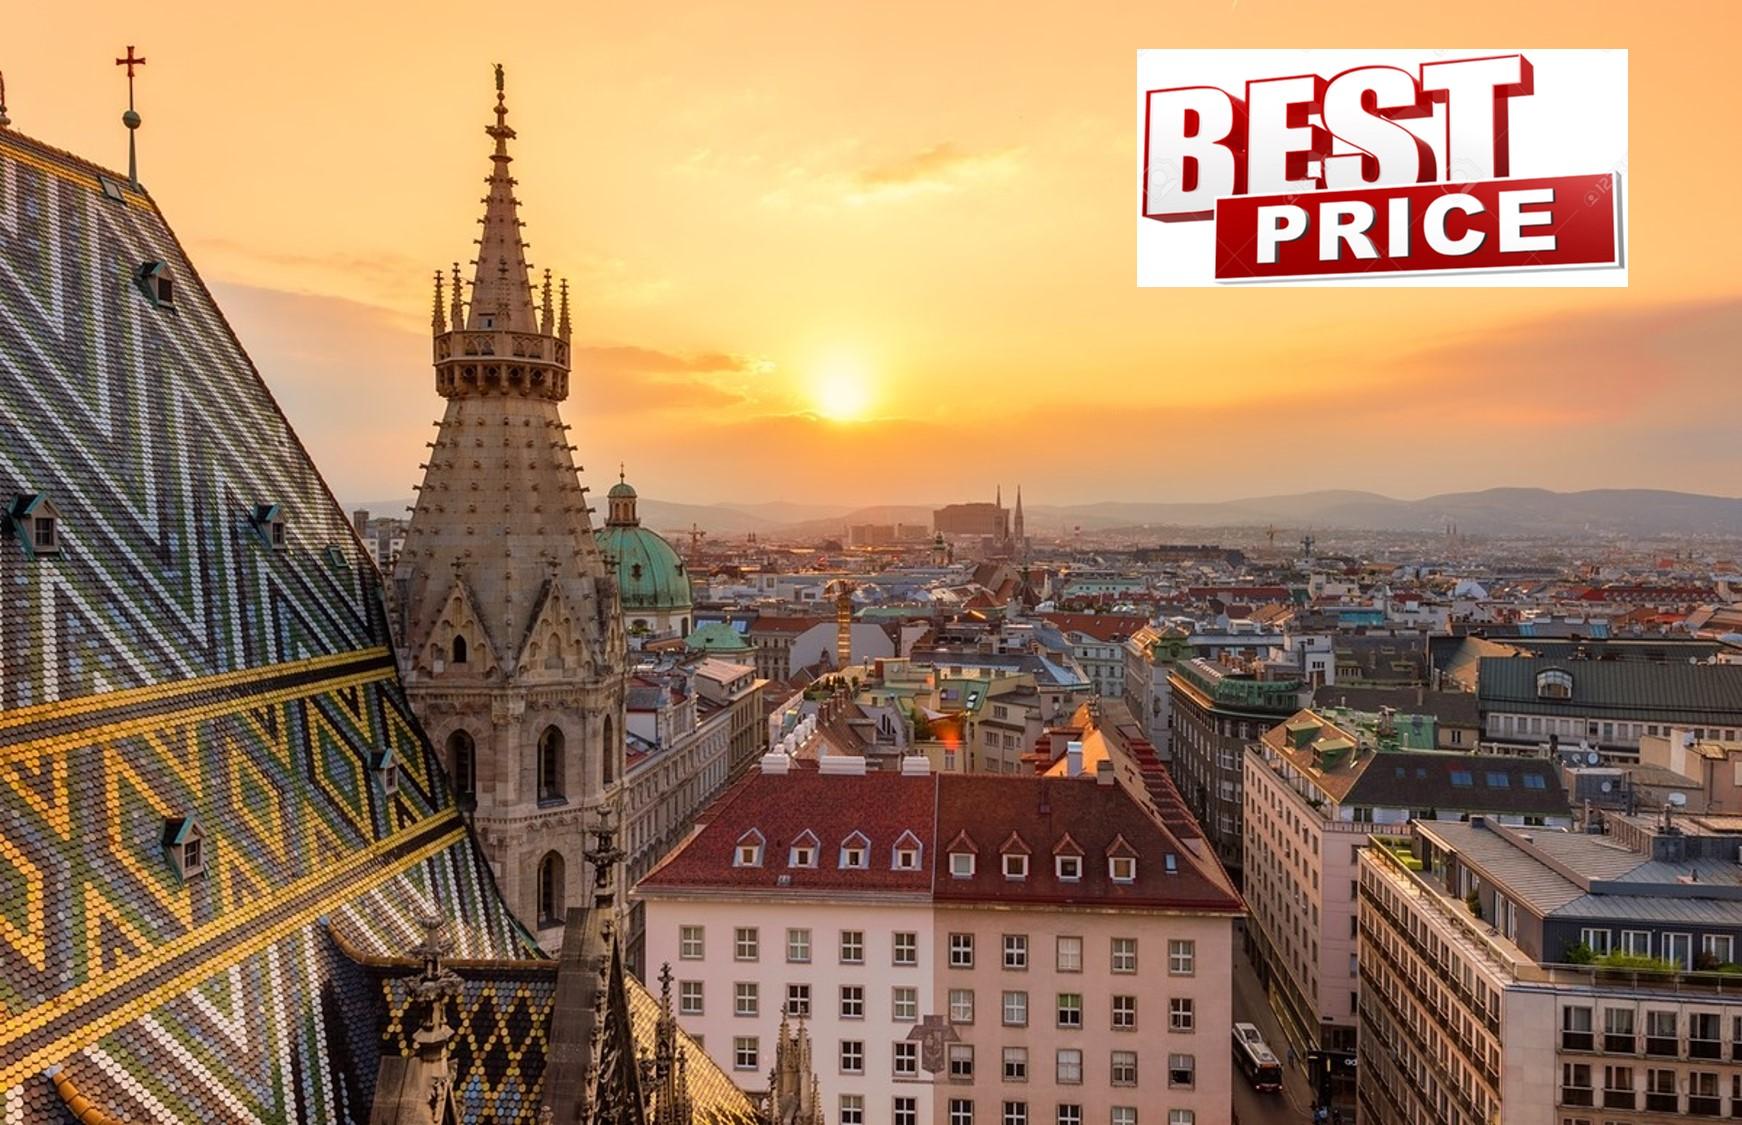 Προσφορά HappyDeals  - ΒΙΕΝΝΗ στην καλύτερη τιμή που έγινε ποτέ! 299€ για 4 μέρες με Αεροπορικά, Κεντρικό Ξενοδοχείο & Φόρους πληρωμένους